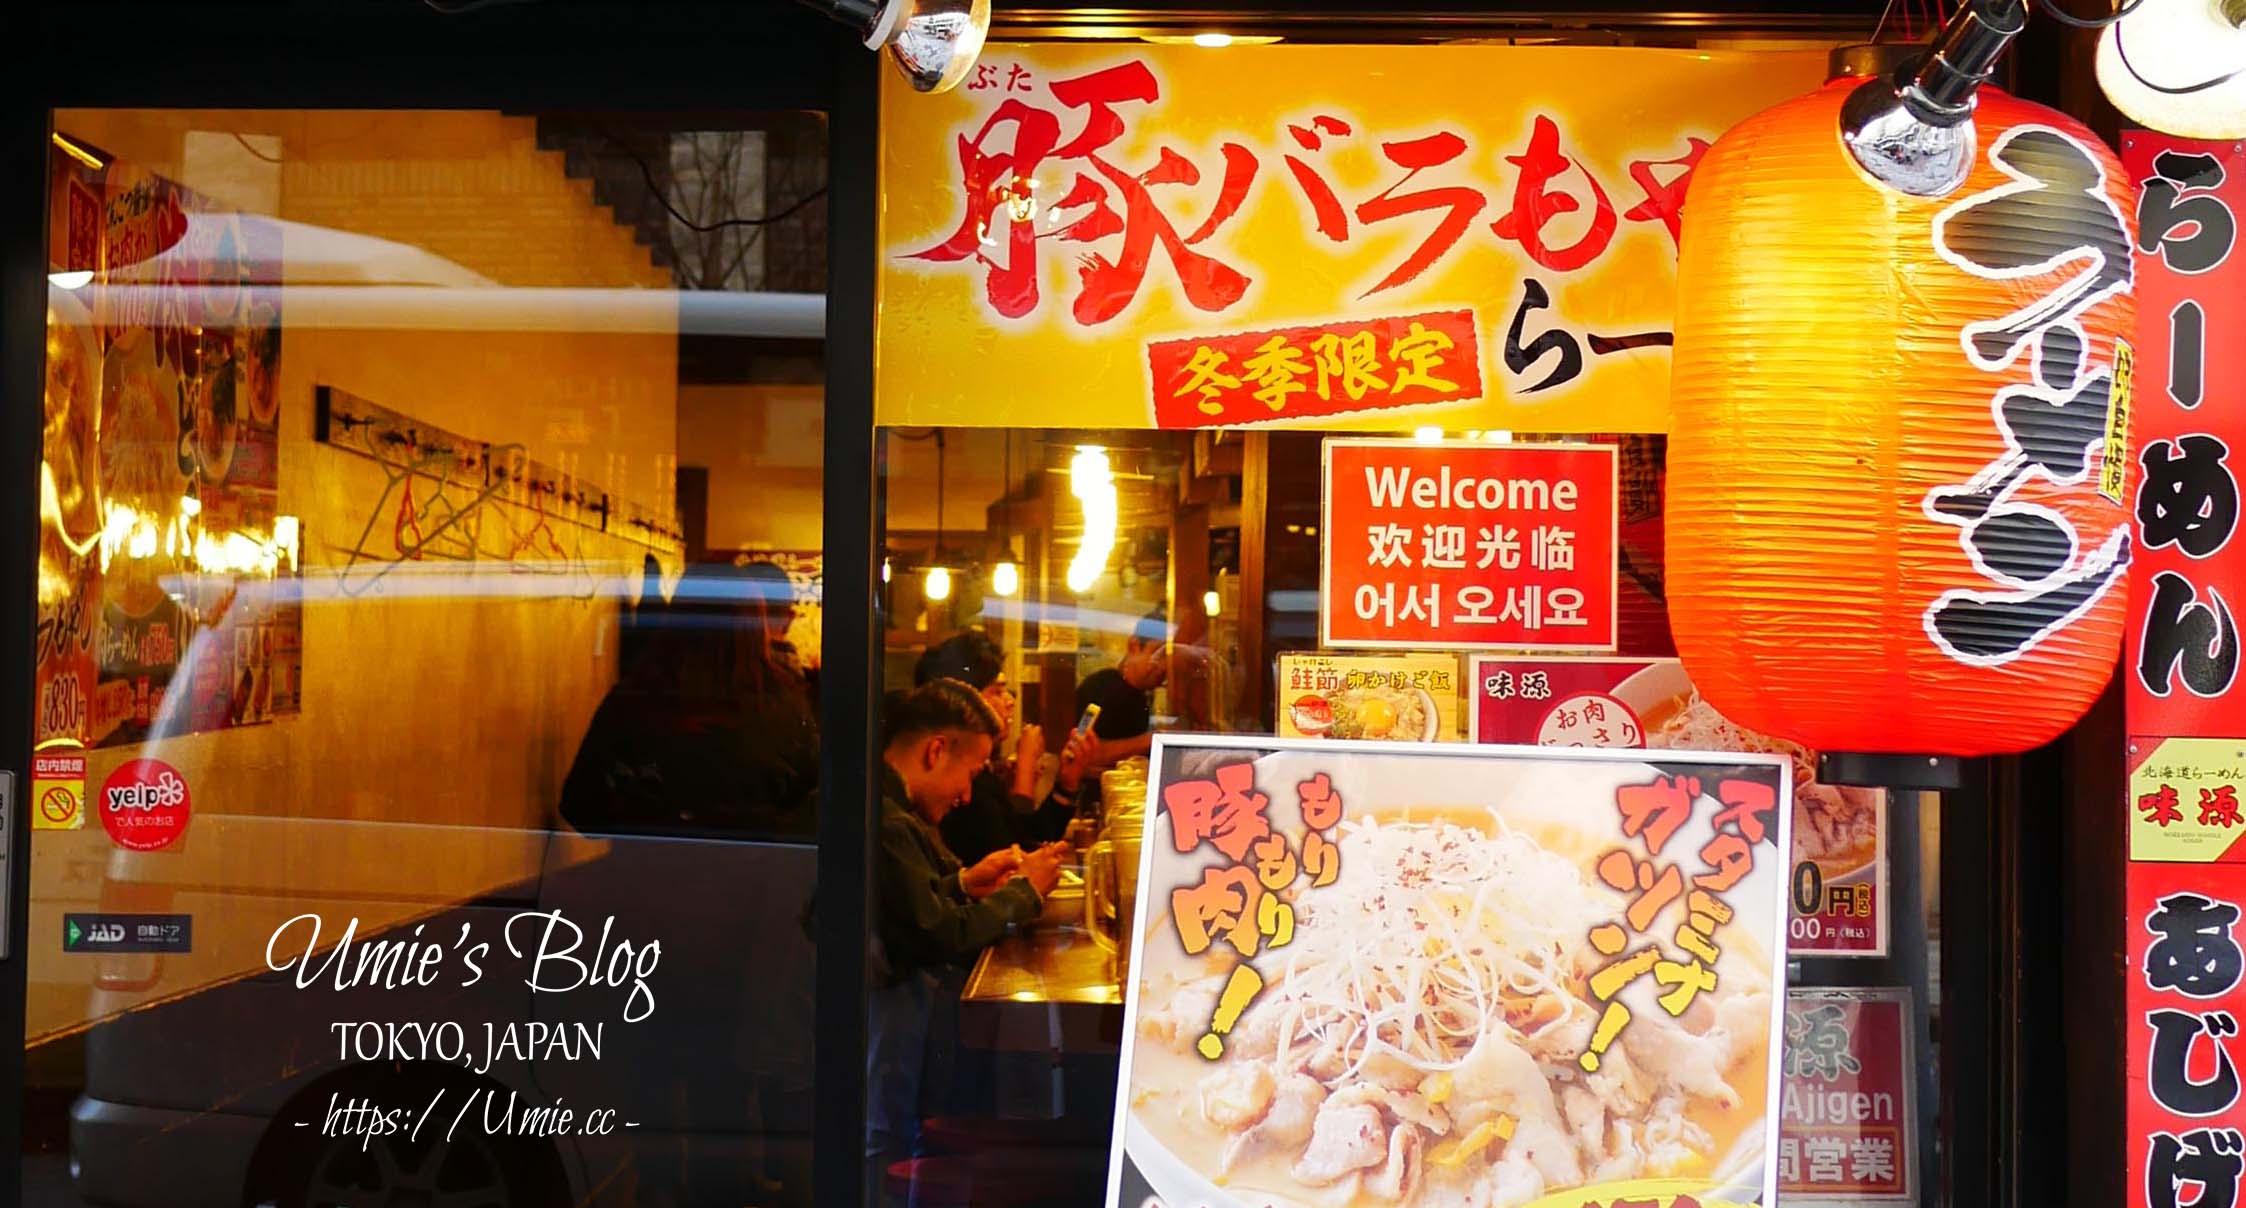 澀谷好吃拉麵餐廳推薦|北海道拉麵 味源!味噌拉麵超推薦,湯頭濃郁爽口!(禁菸|24小時營業)